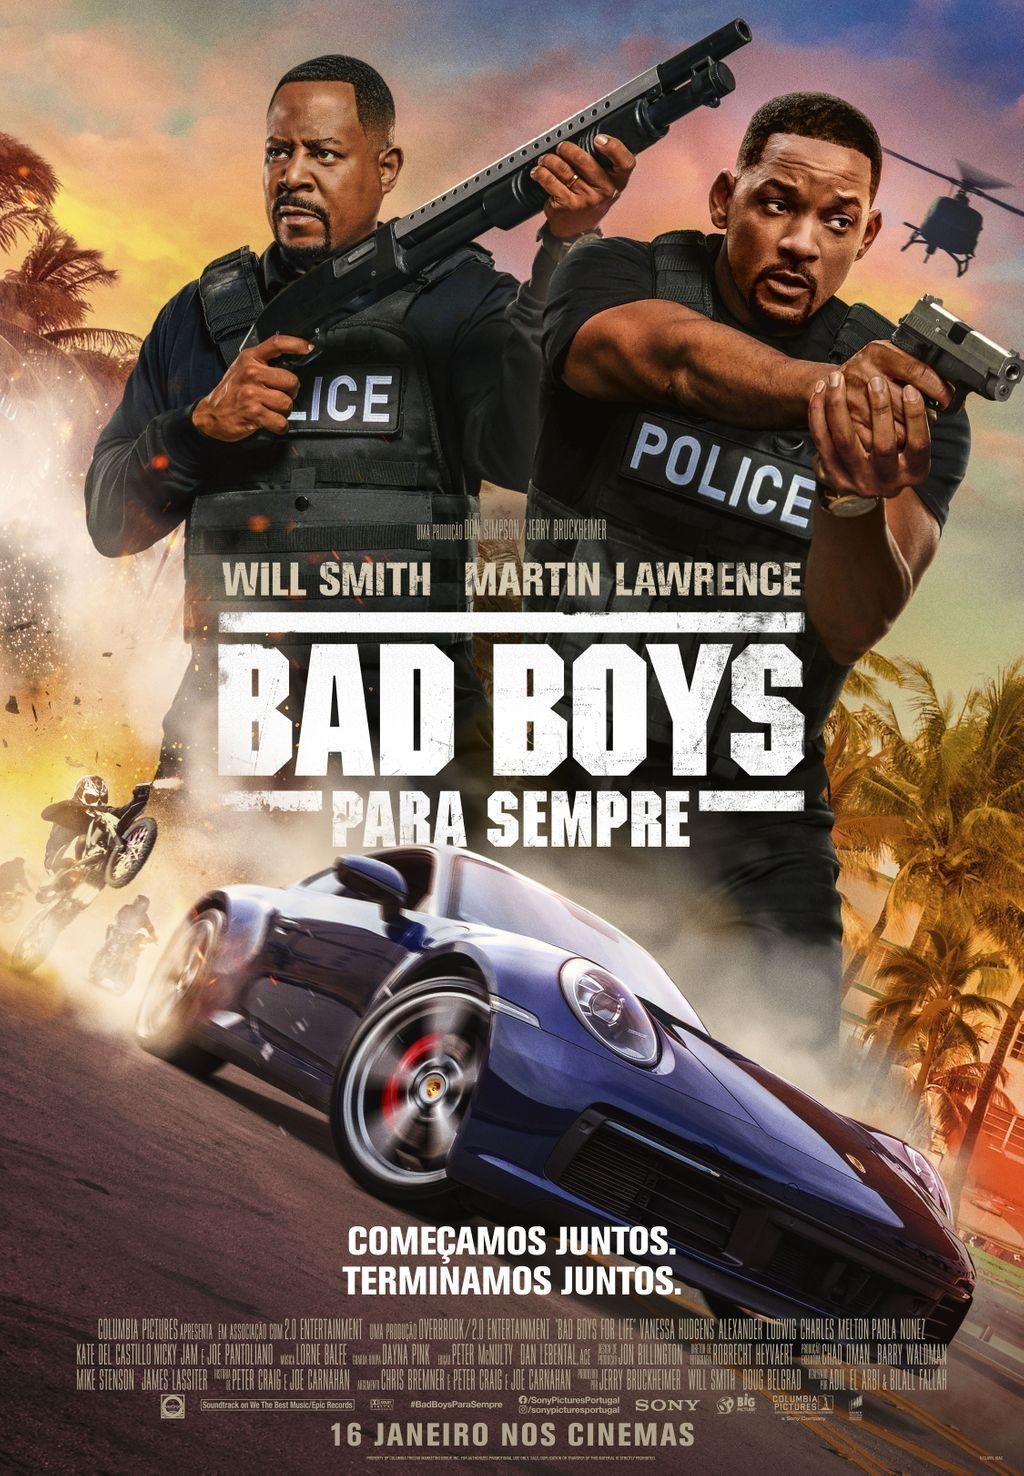 Badboysforlife 17 De Janeiro Nos Cinemas Em 2020 Com Imagens Assistir Filmes Gratis Online Bad Boys Life Filme